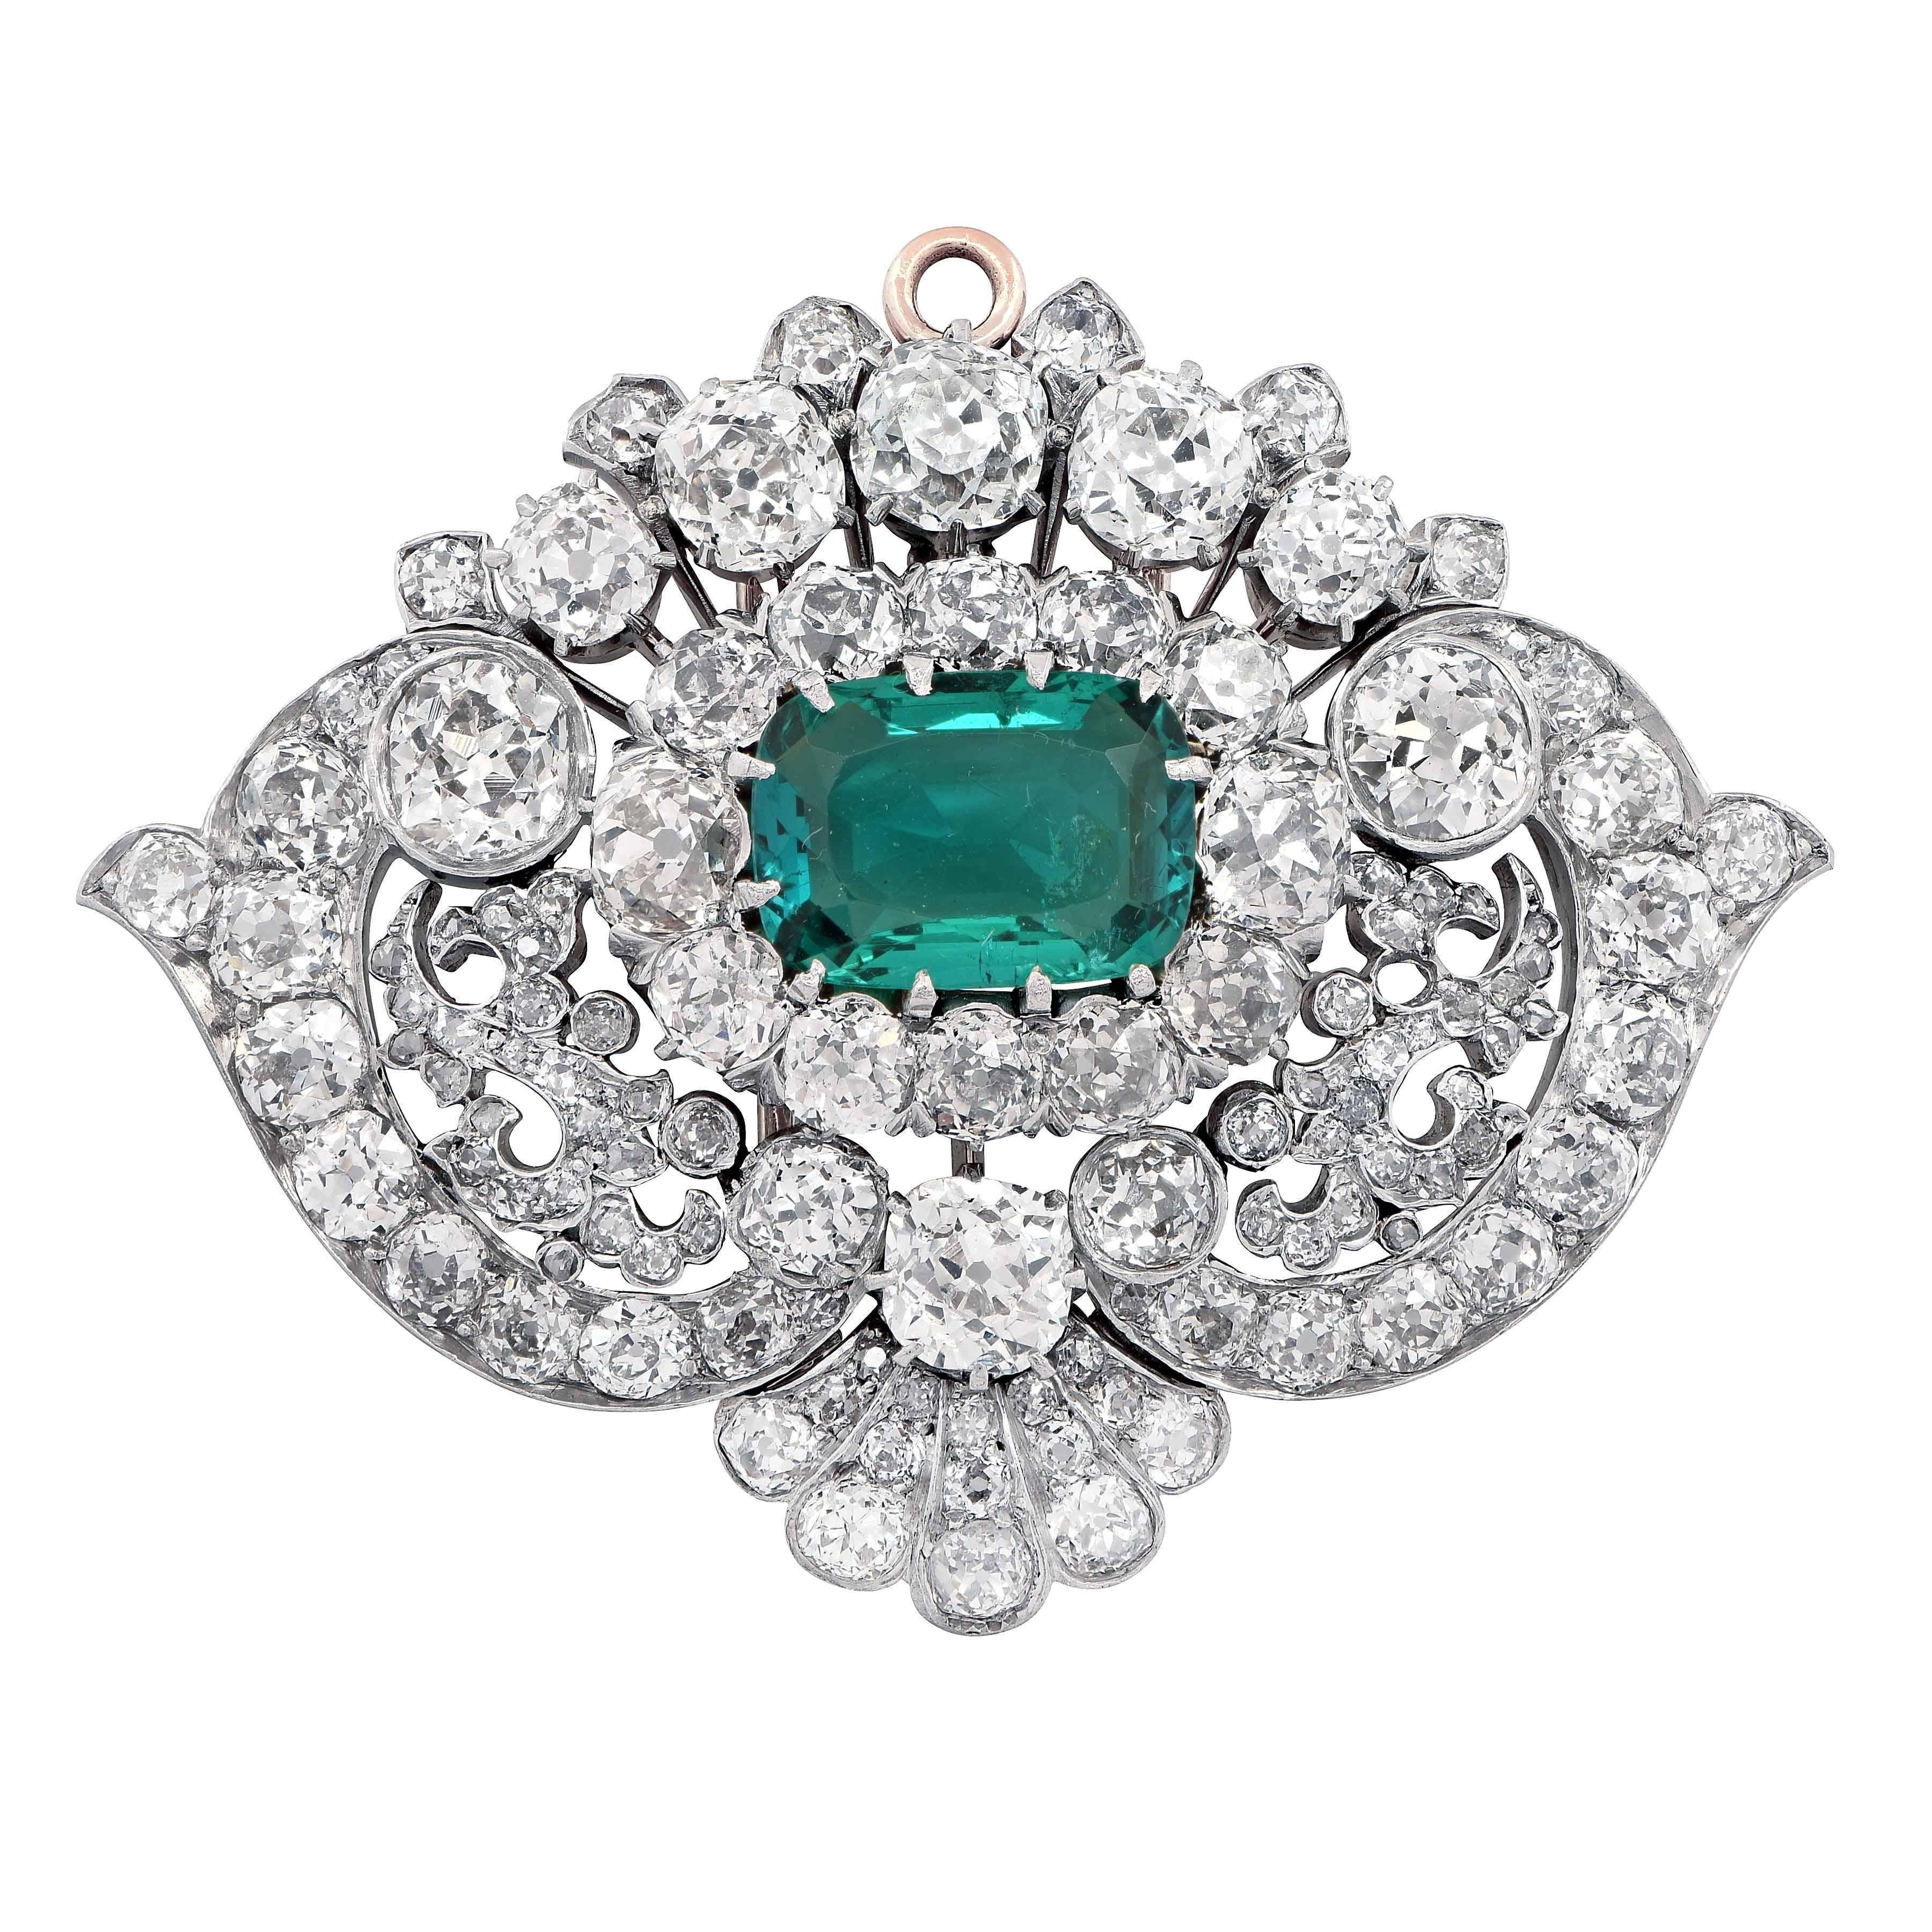 bb620e27f59ce Tiffany & Co. circa 1880 Classic Colombia Emerald Diamond Pin Necklace